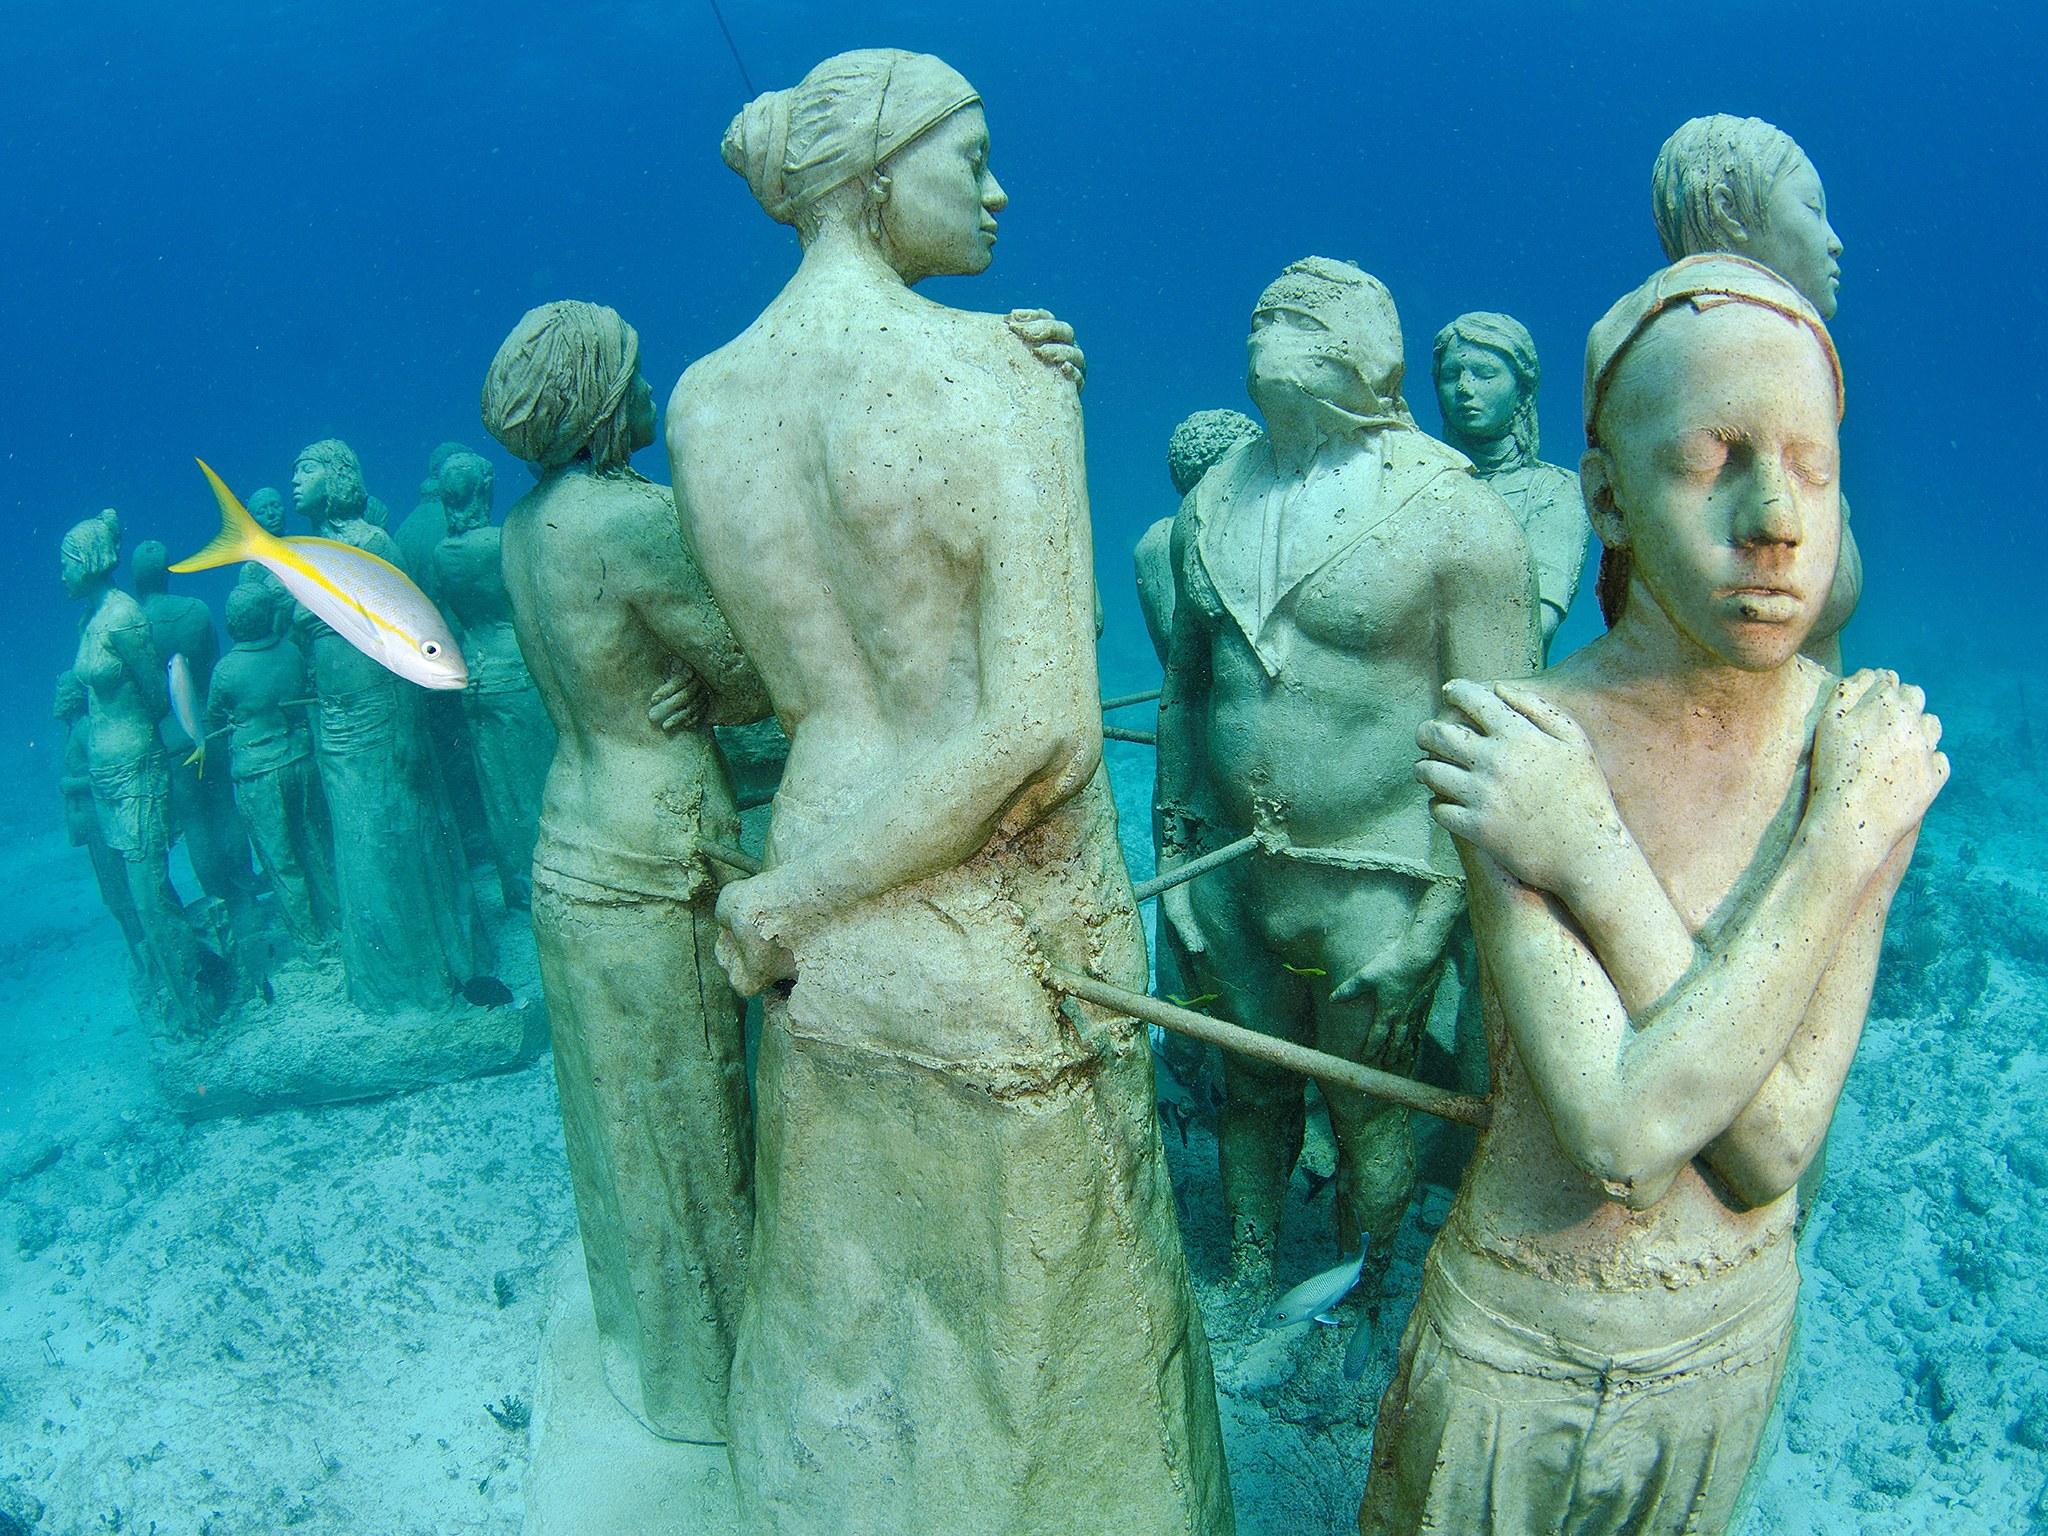 2. Музей подводных скульптур, Канкун, Мексика. Огромный музей, состоящий из более чем 400 скульптур,